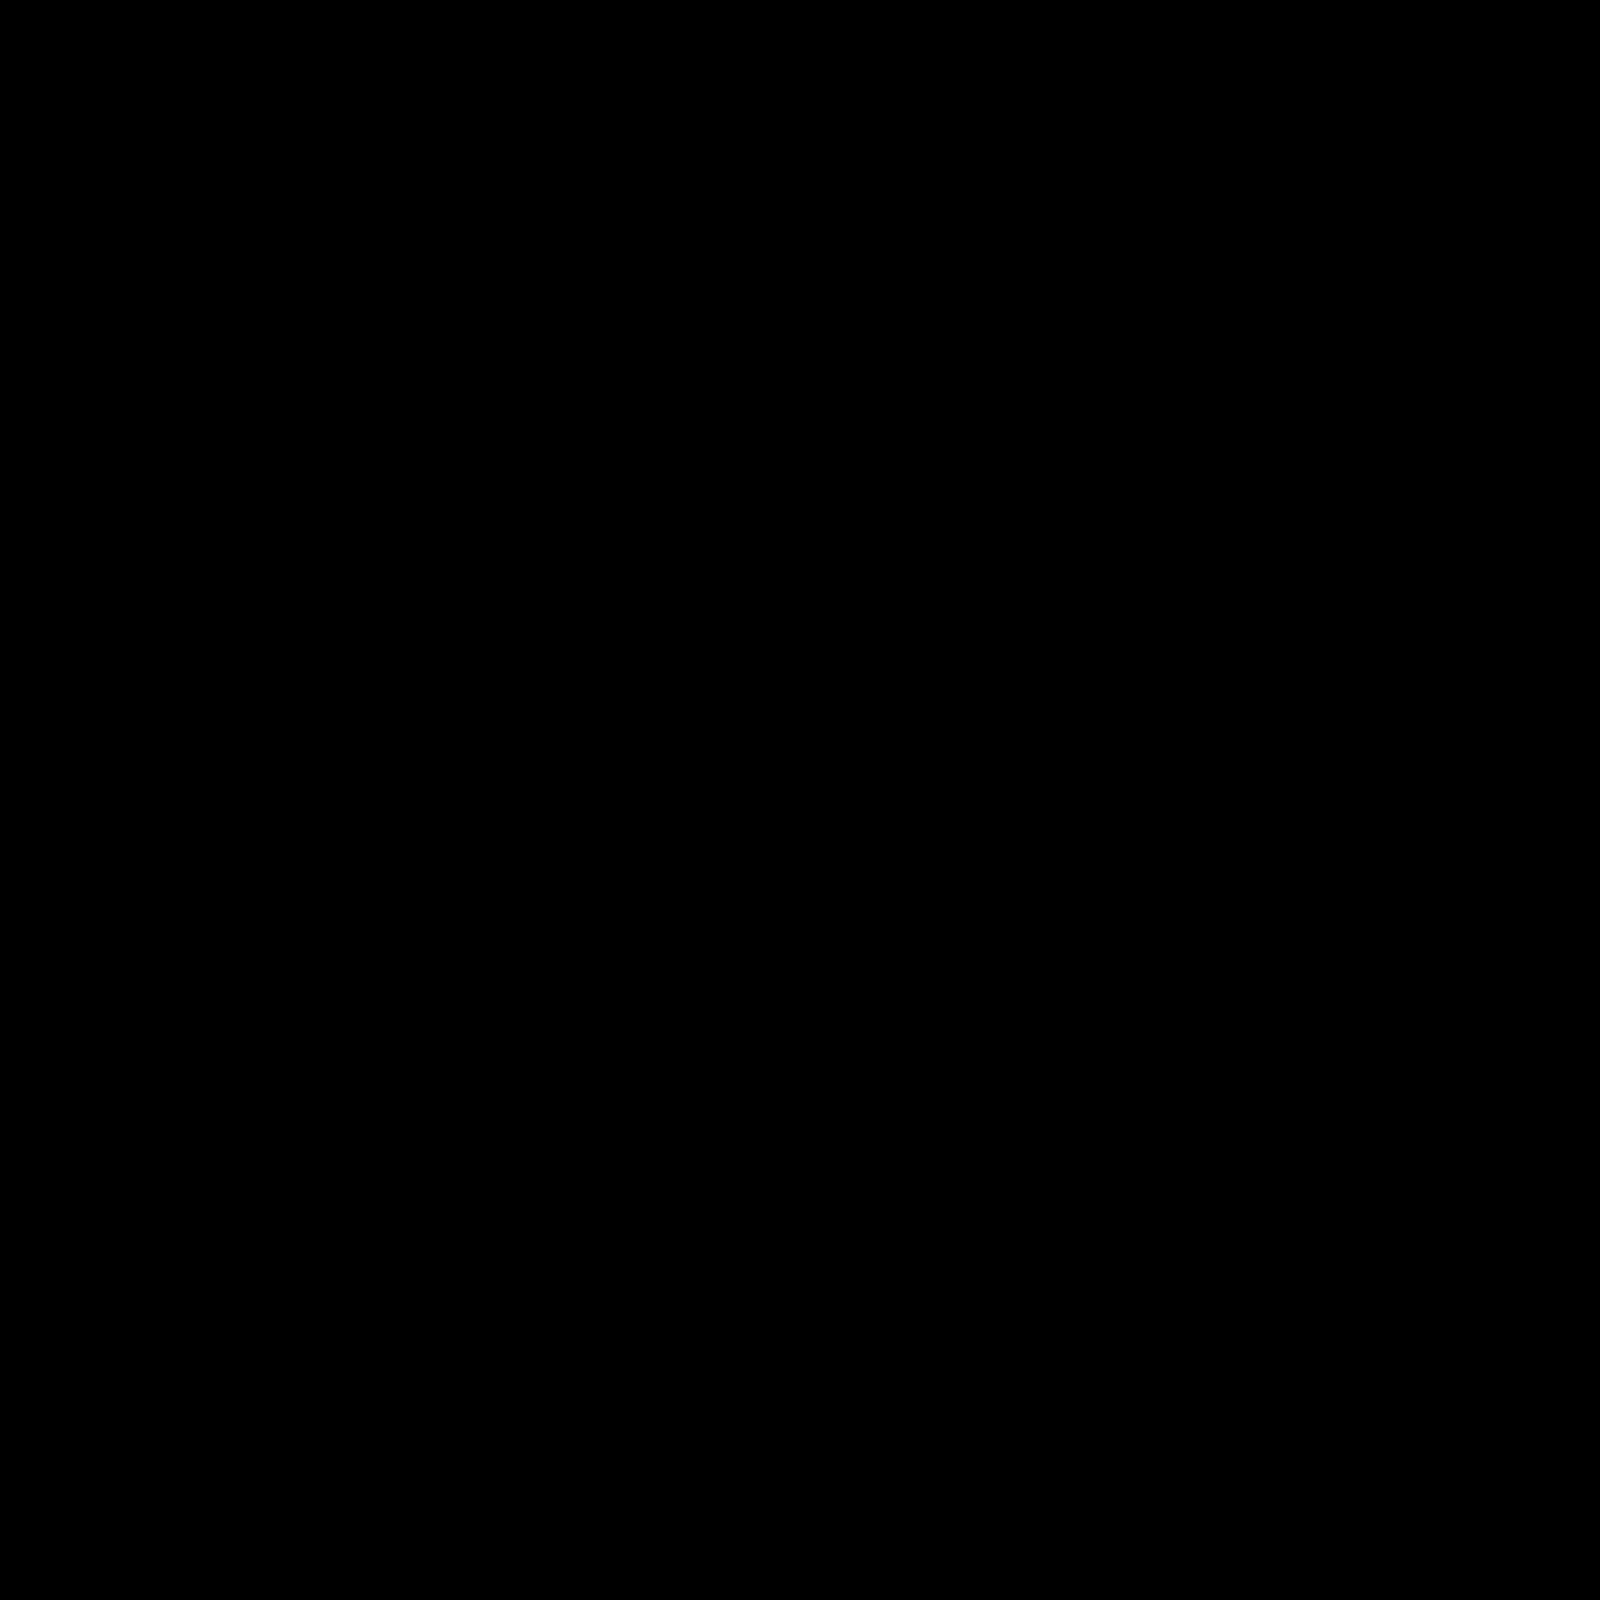 Zakreślone P icon